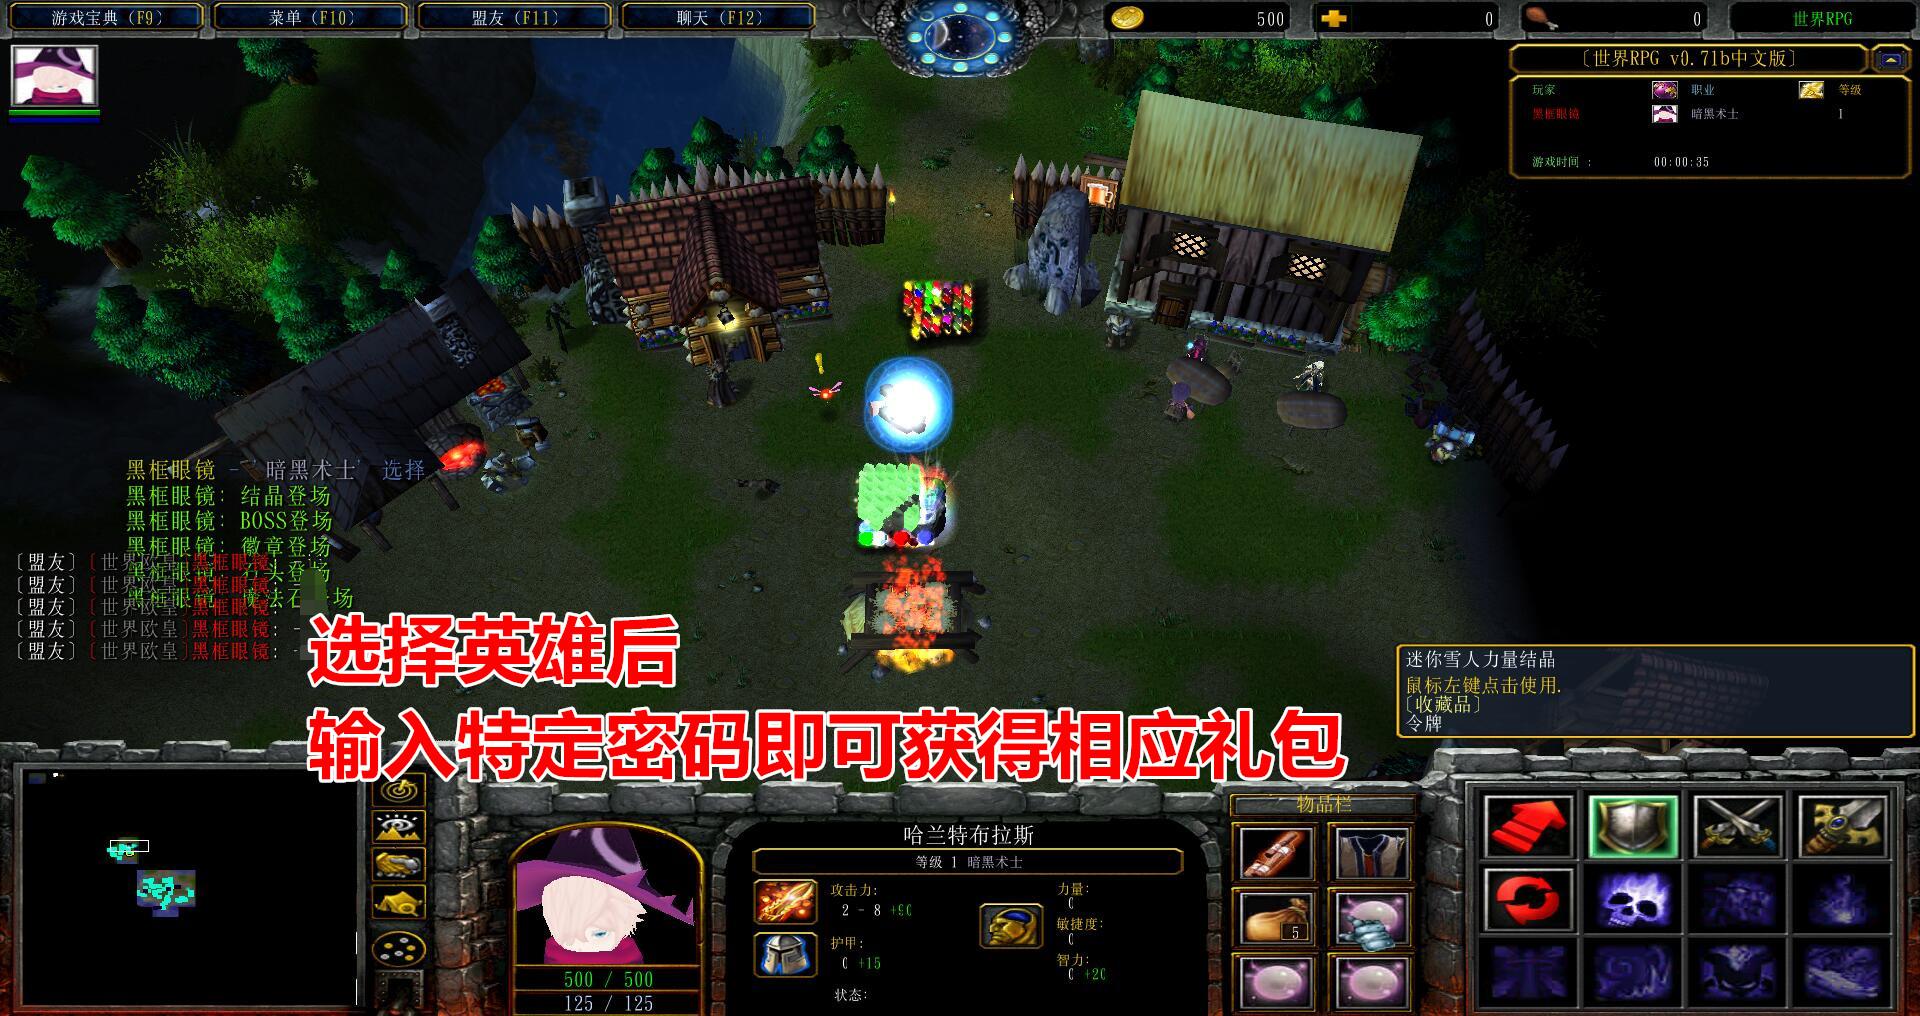 世界RPGv0.71b中文版破解『可通档+全材料徽章结晶+BOSS高爆+复活加快+刷物品刷等级』